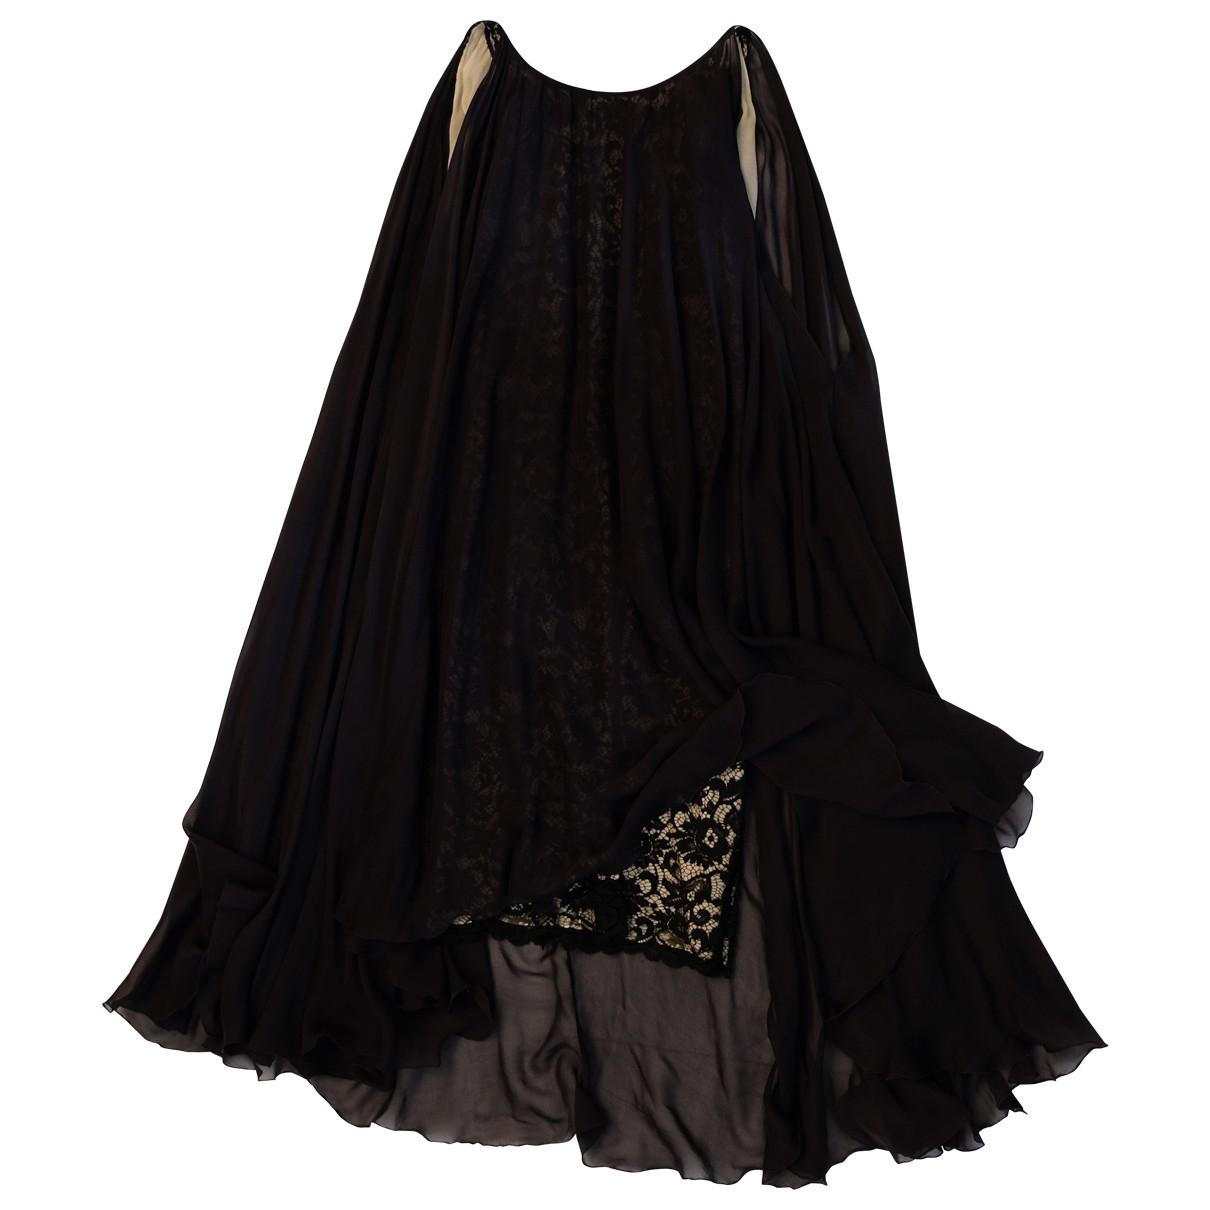 D&g \N Black Silk dress for Women 40 IT